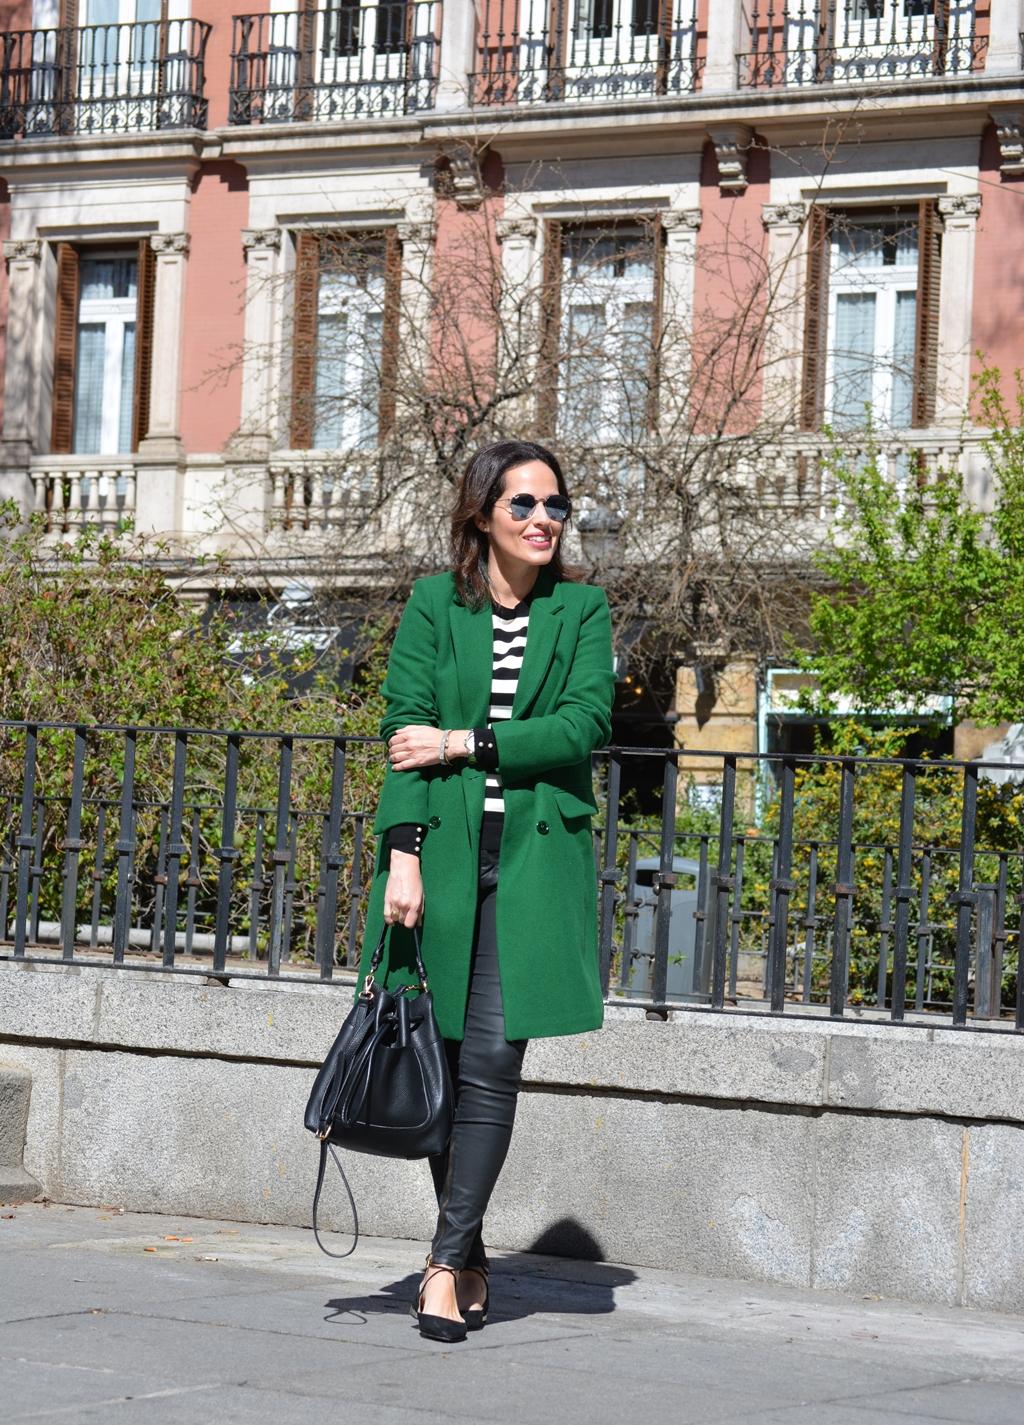 abrigo-verde-zara-look-outfit